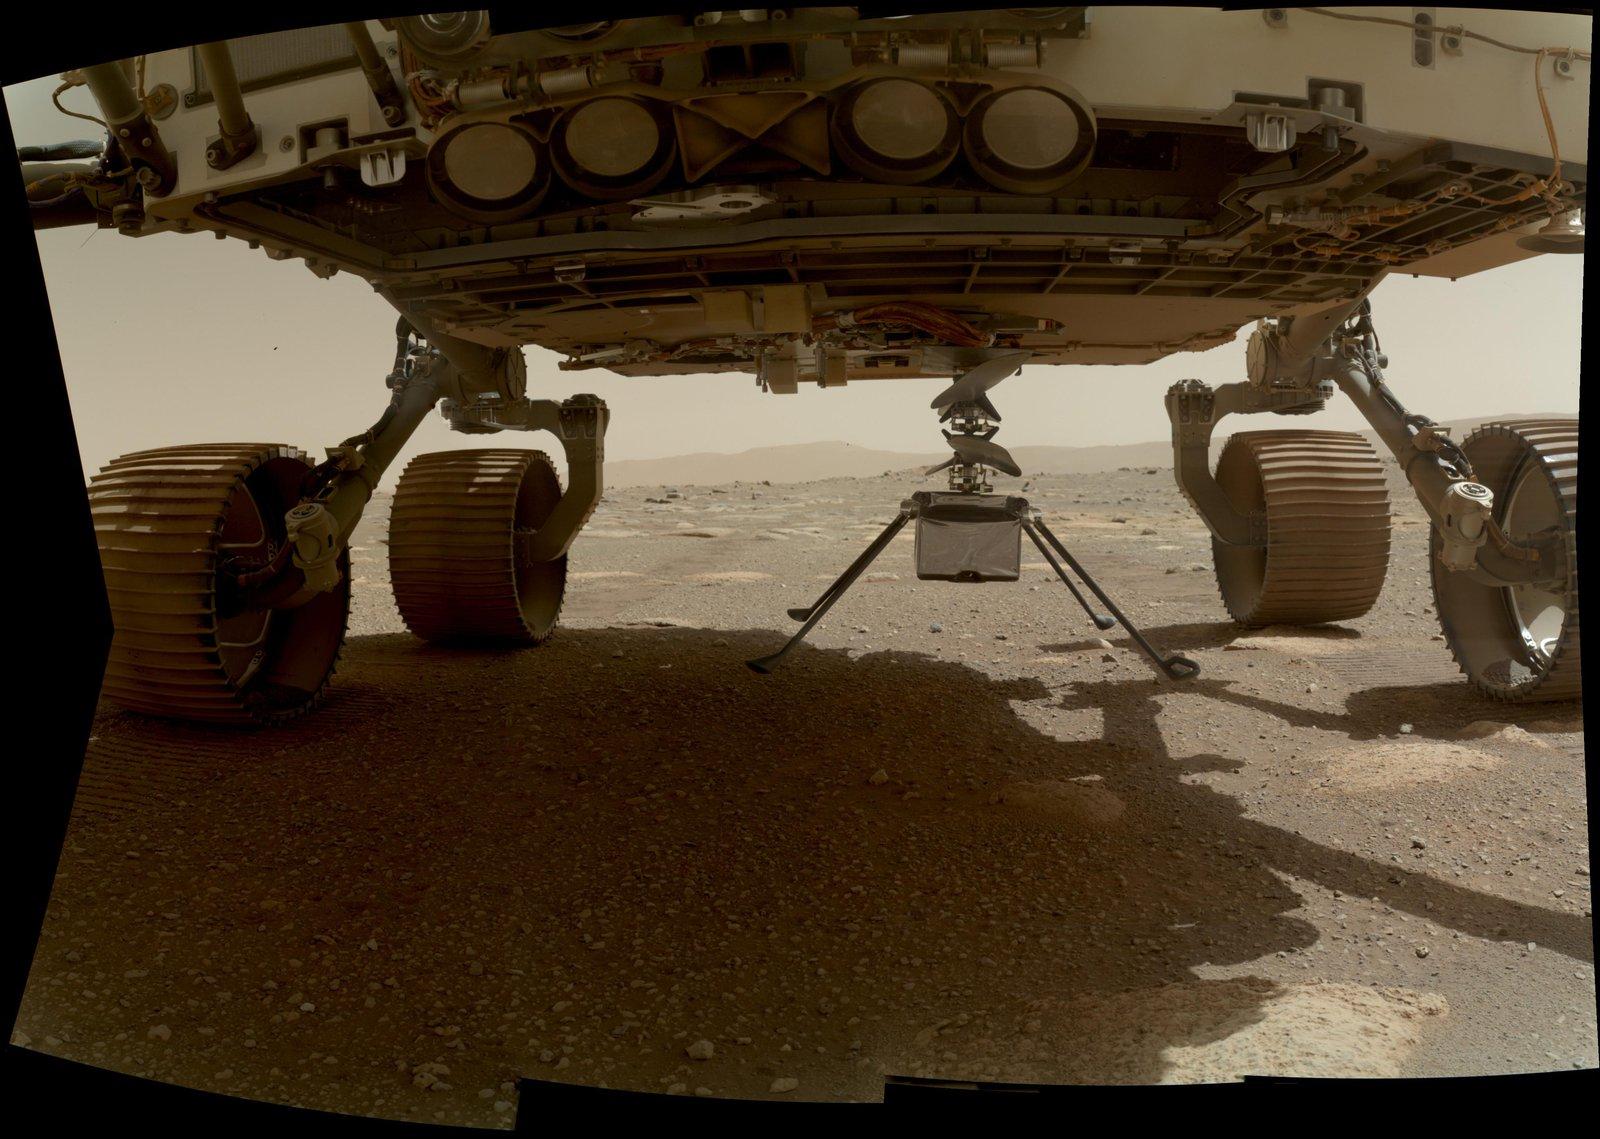 El helicóptero Ingenuity está en la superficie de Marte